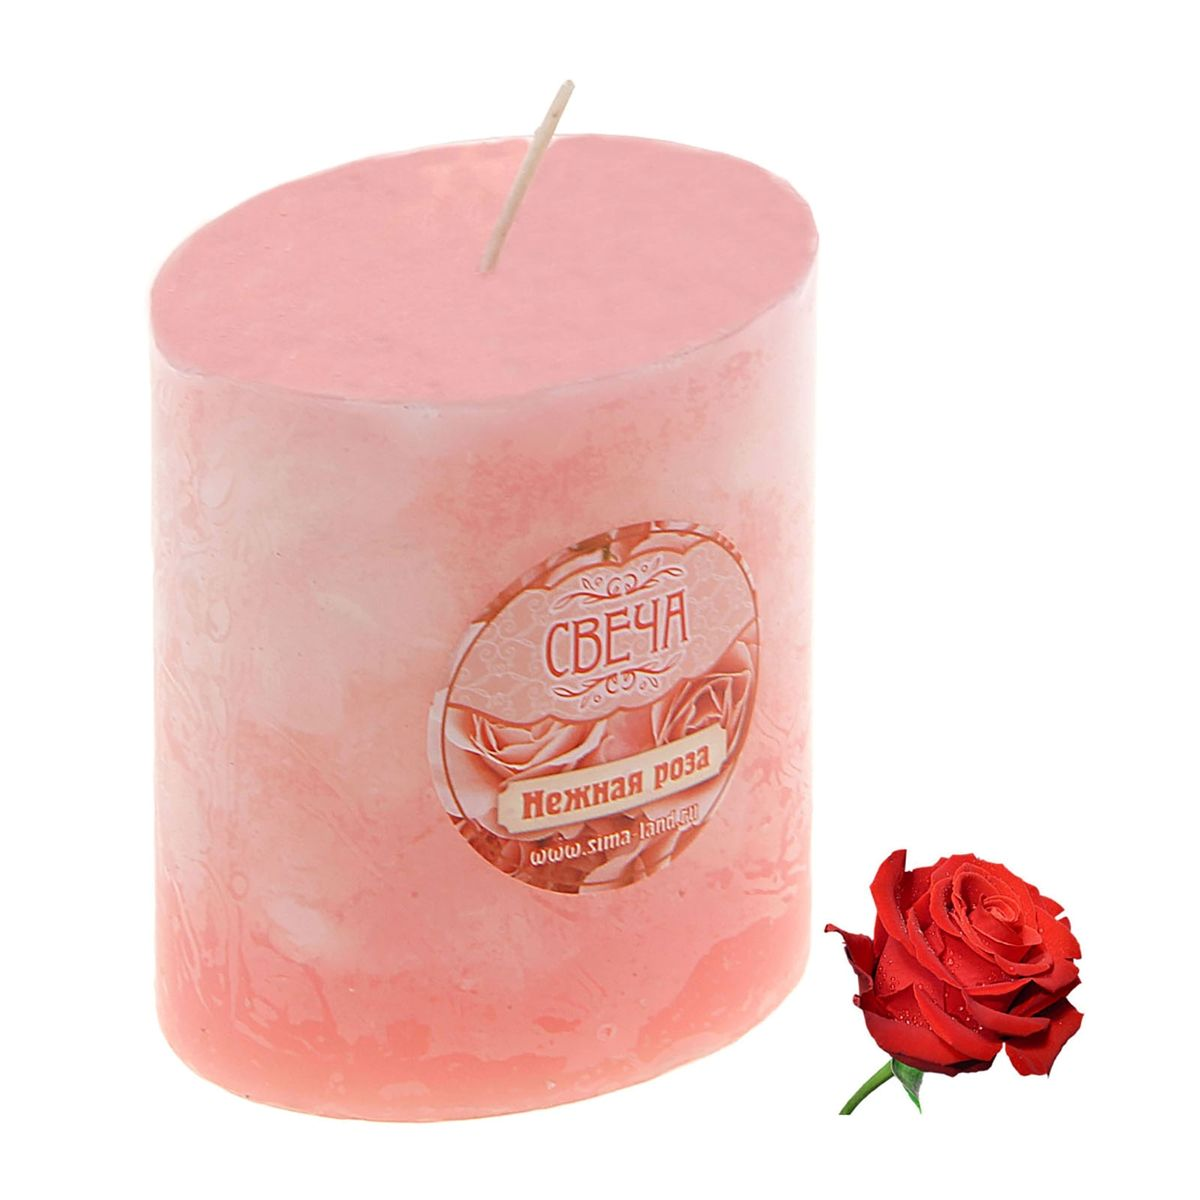 Свеча ароматизированная Sima-land Слияние, с ароматом розы, цвет: розовый, белый, высота 7 смPARIS 75015-8C ANTIQUEАроматизированная свеча Sima-land Слияние изготовлена из воска. Изделие отличается оригинальным дизайном и приятным ароматом розы.Свеча Sima-land Слияние - это прекрасный выбор для тех, кто хочет сделать запоминающийся презент родным и близким. Она поможет создать атмосферу праздника. Такой подарок запомнится надолго.